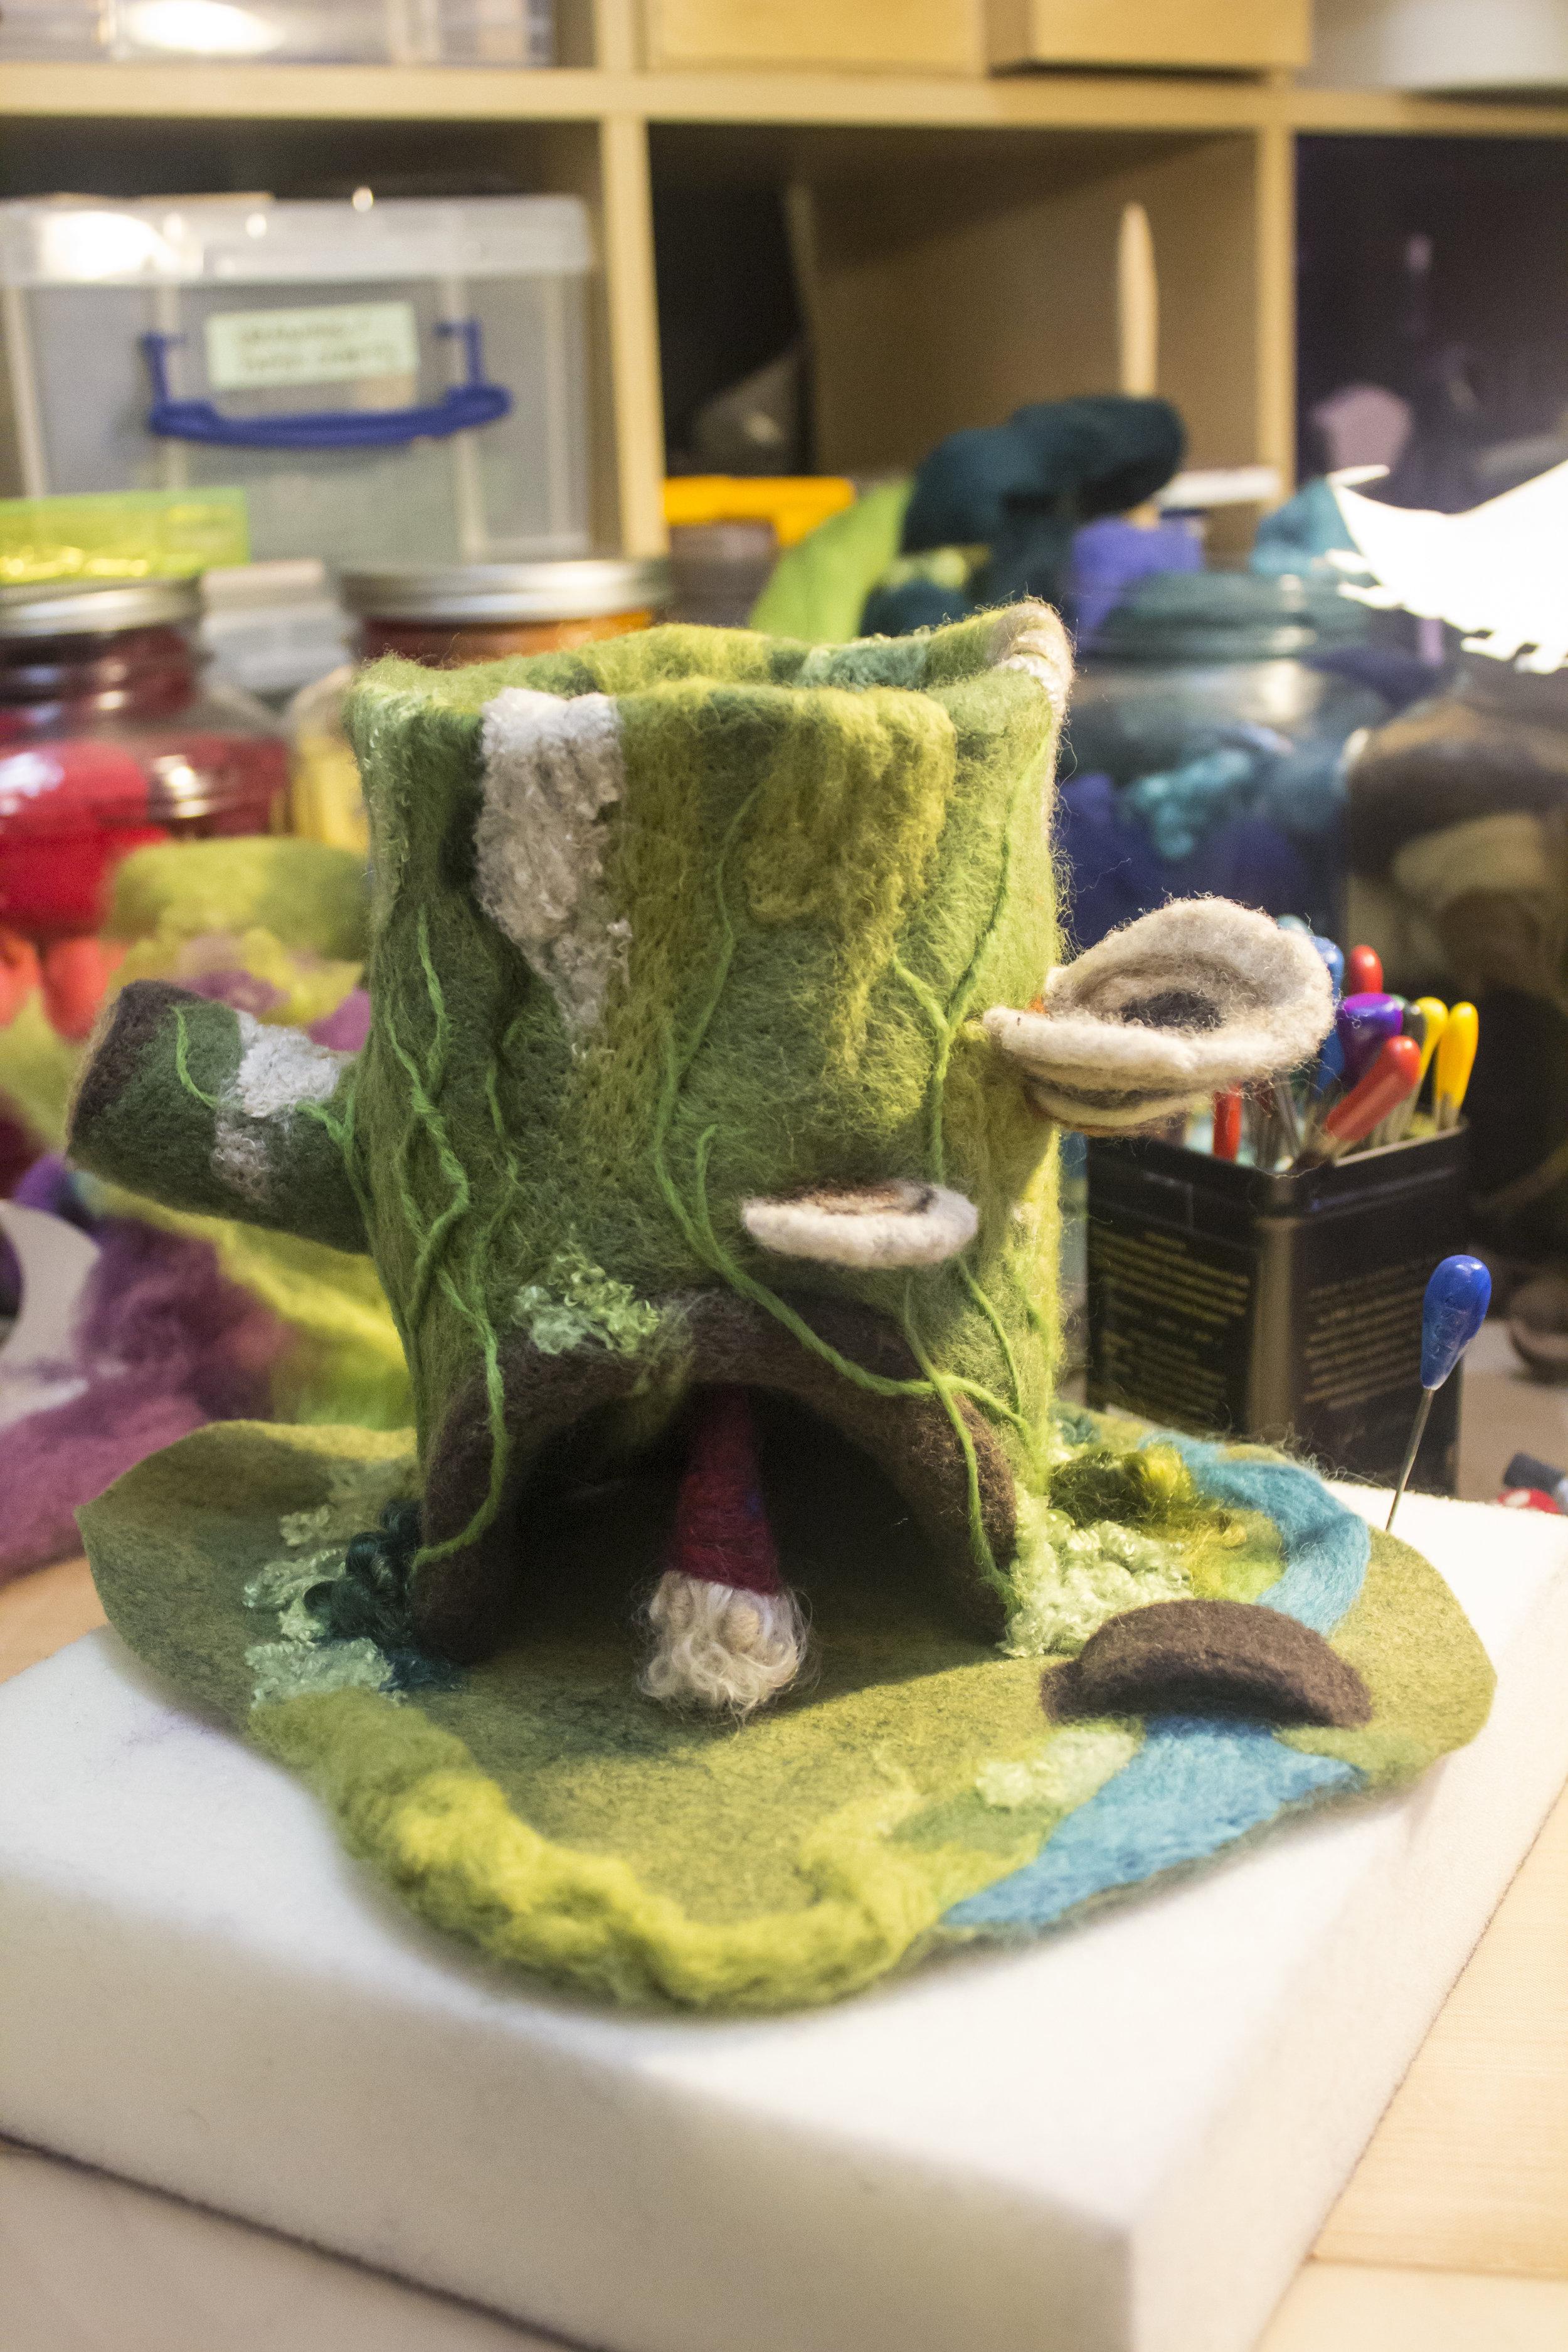 Gnome in his gnome-home